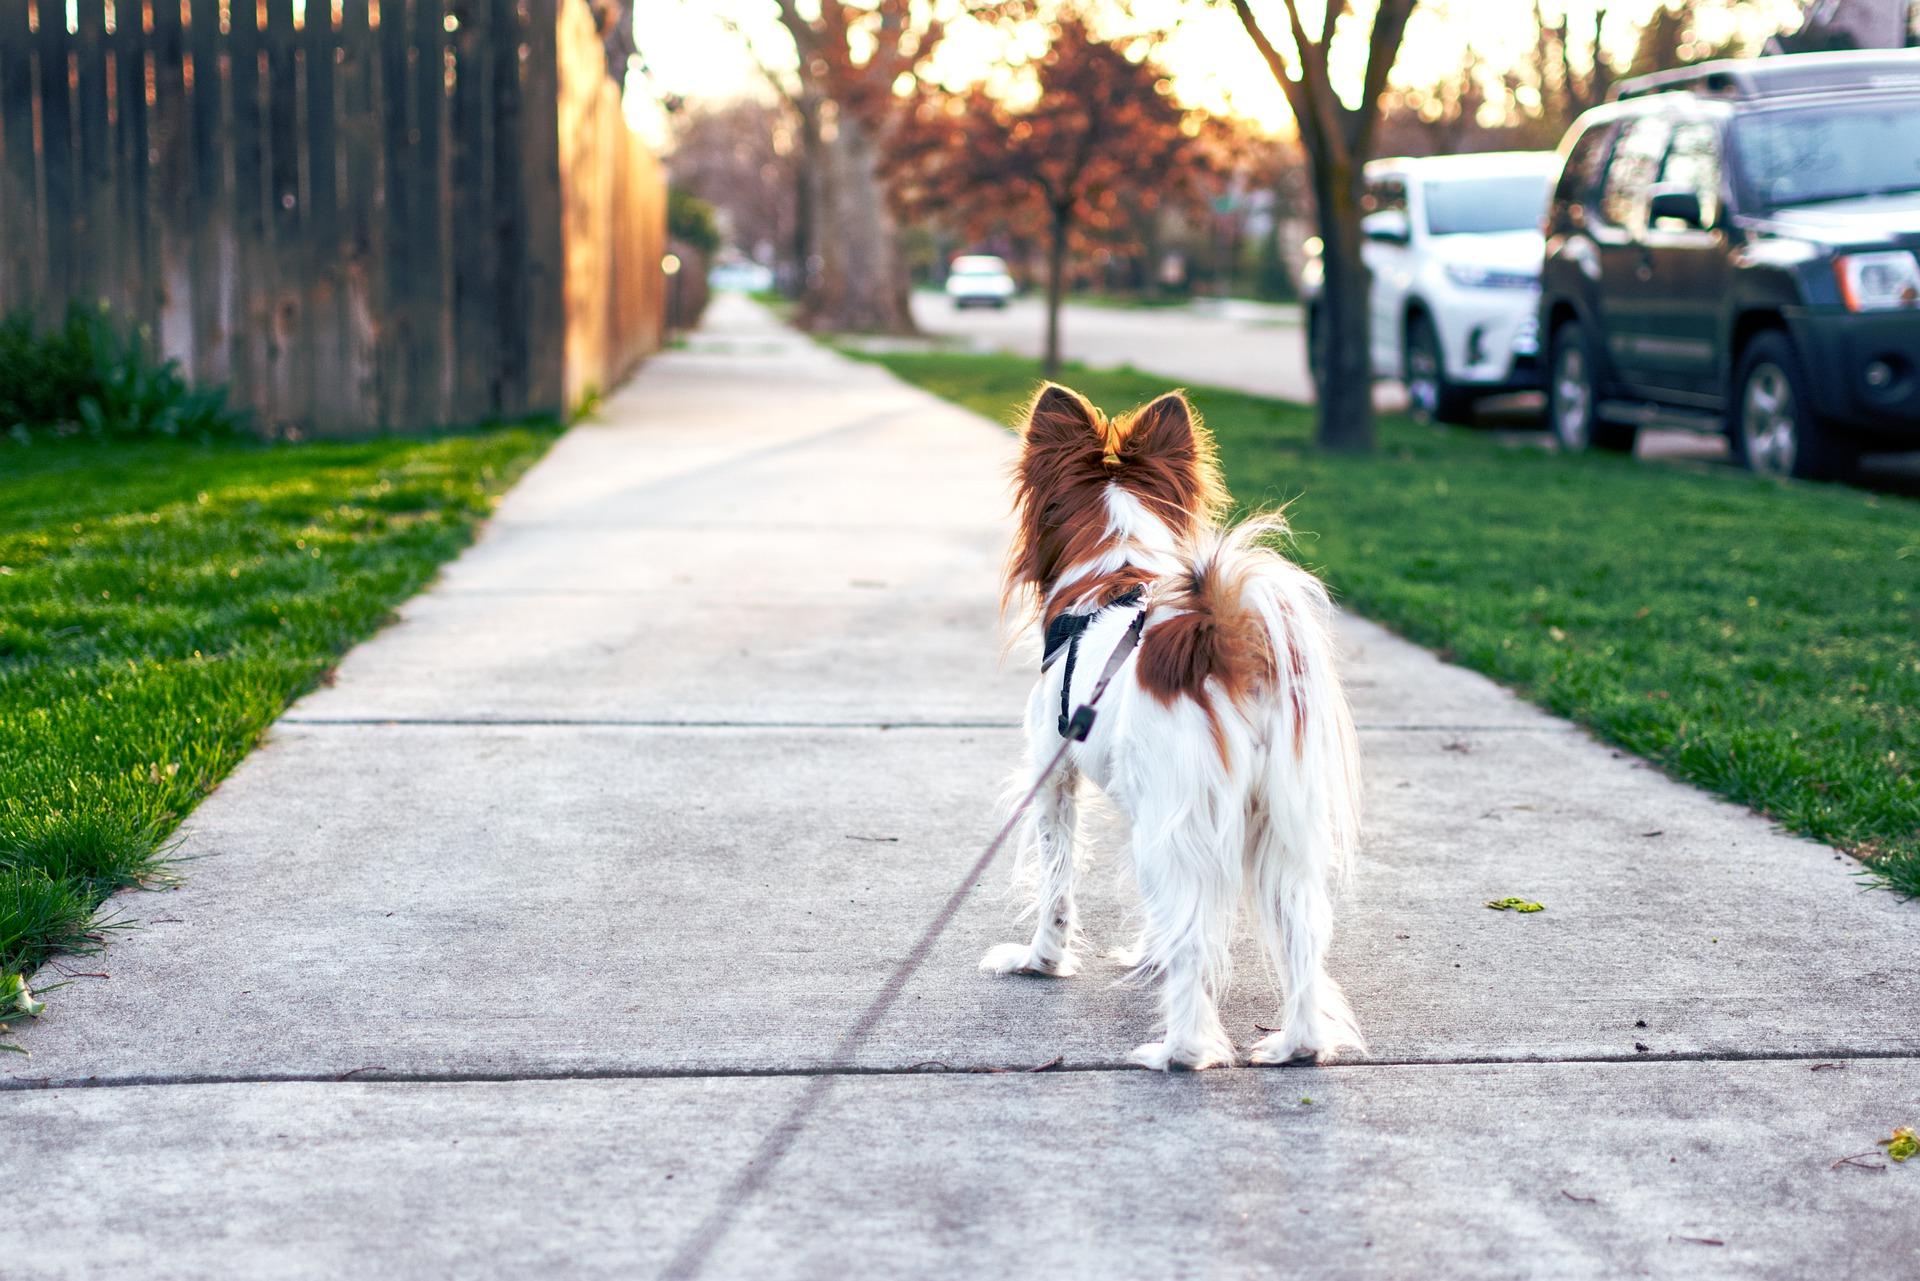 Comment_démarrer_une_entreprise_de_promenade_de_chiens